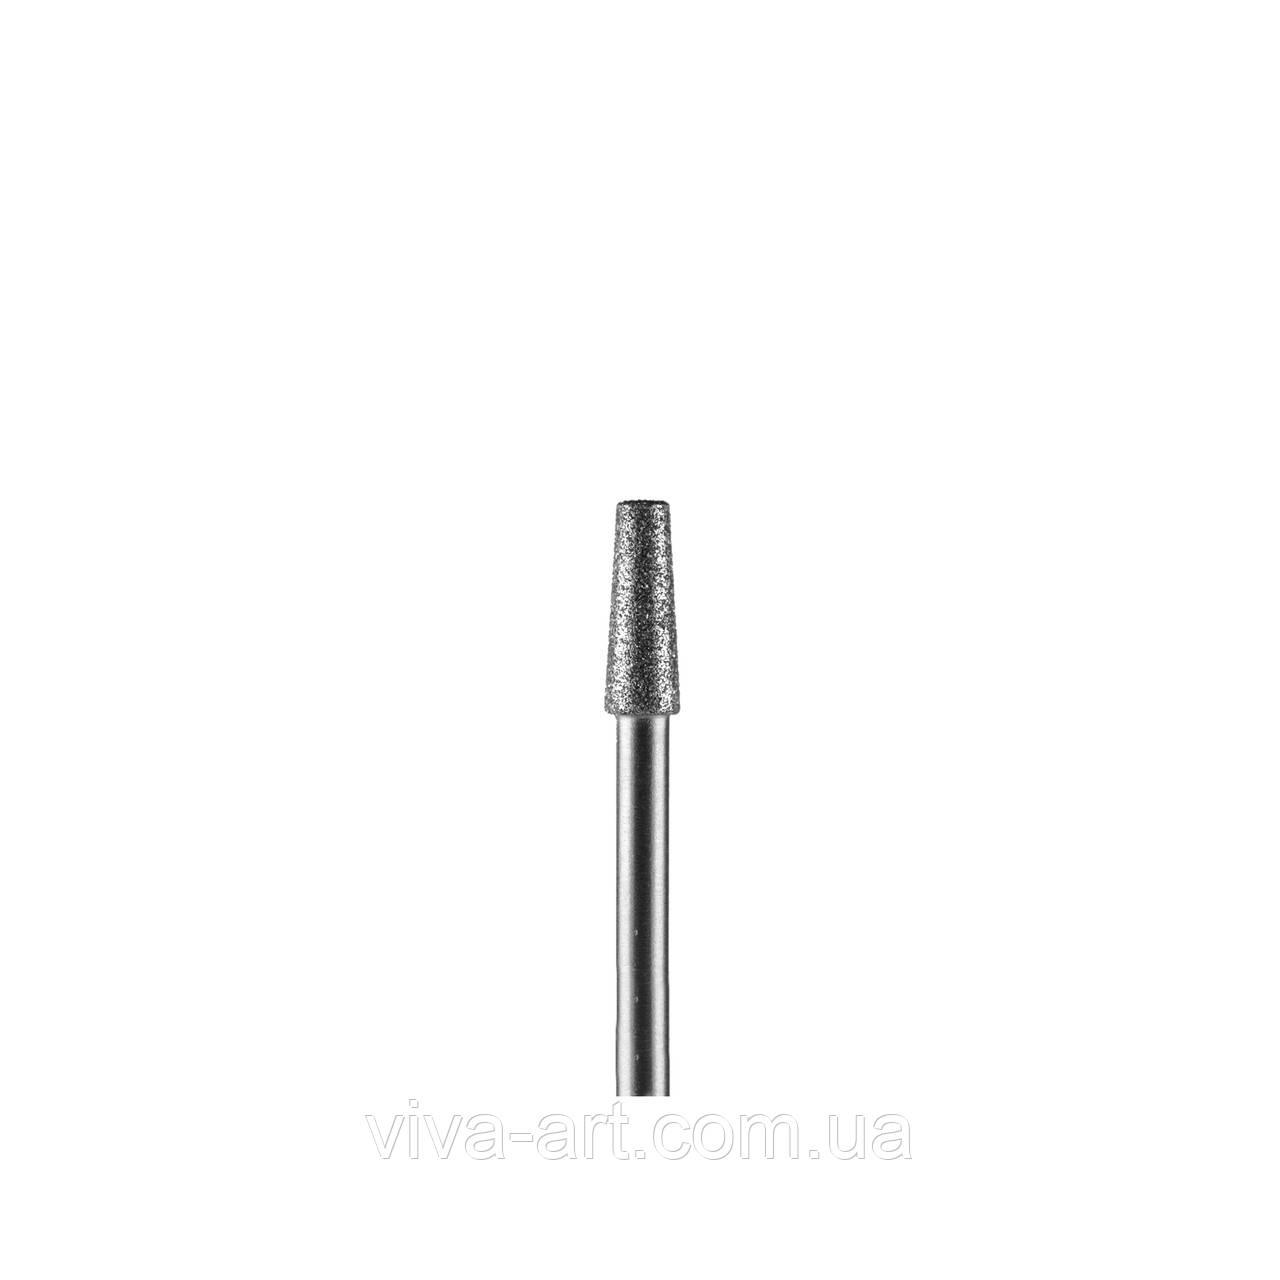 Алмазна насадка усічений конус, 3.3 мм, середній абразив, Diaswiss (Швейцарія)